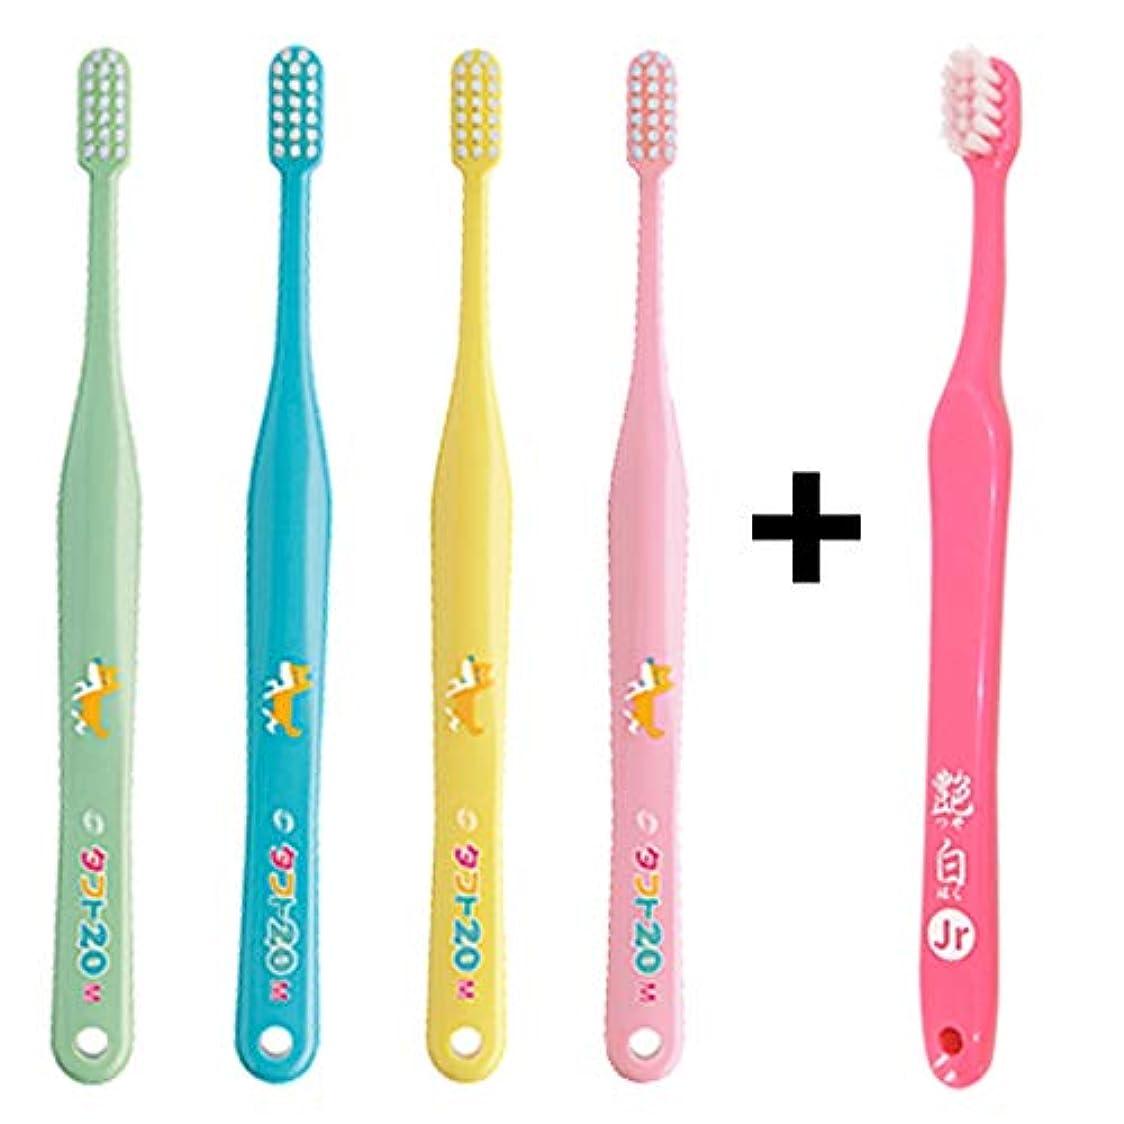 ニッケル上ゲートタフト20 M(ふつう) こども 歯ブラシ×10本 + 艶白(つやはく) Jr ジュニア ハブラシ×1本 MS(やややわらかめ) 日本製 歯科専売品